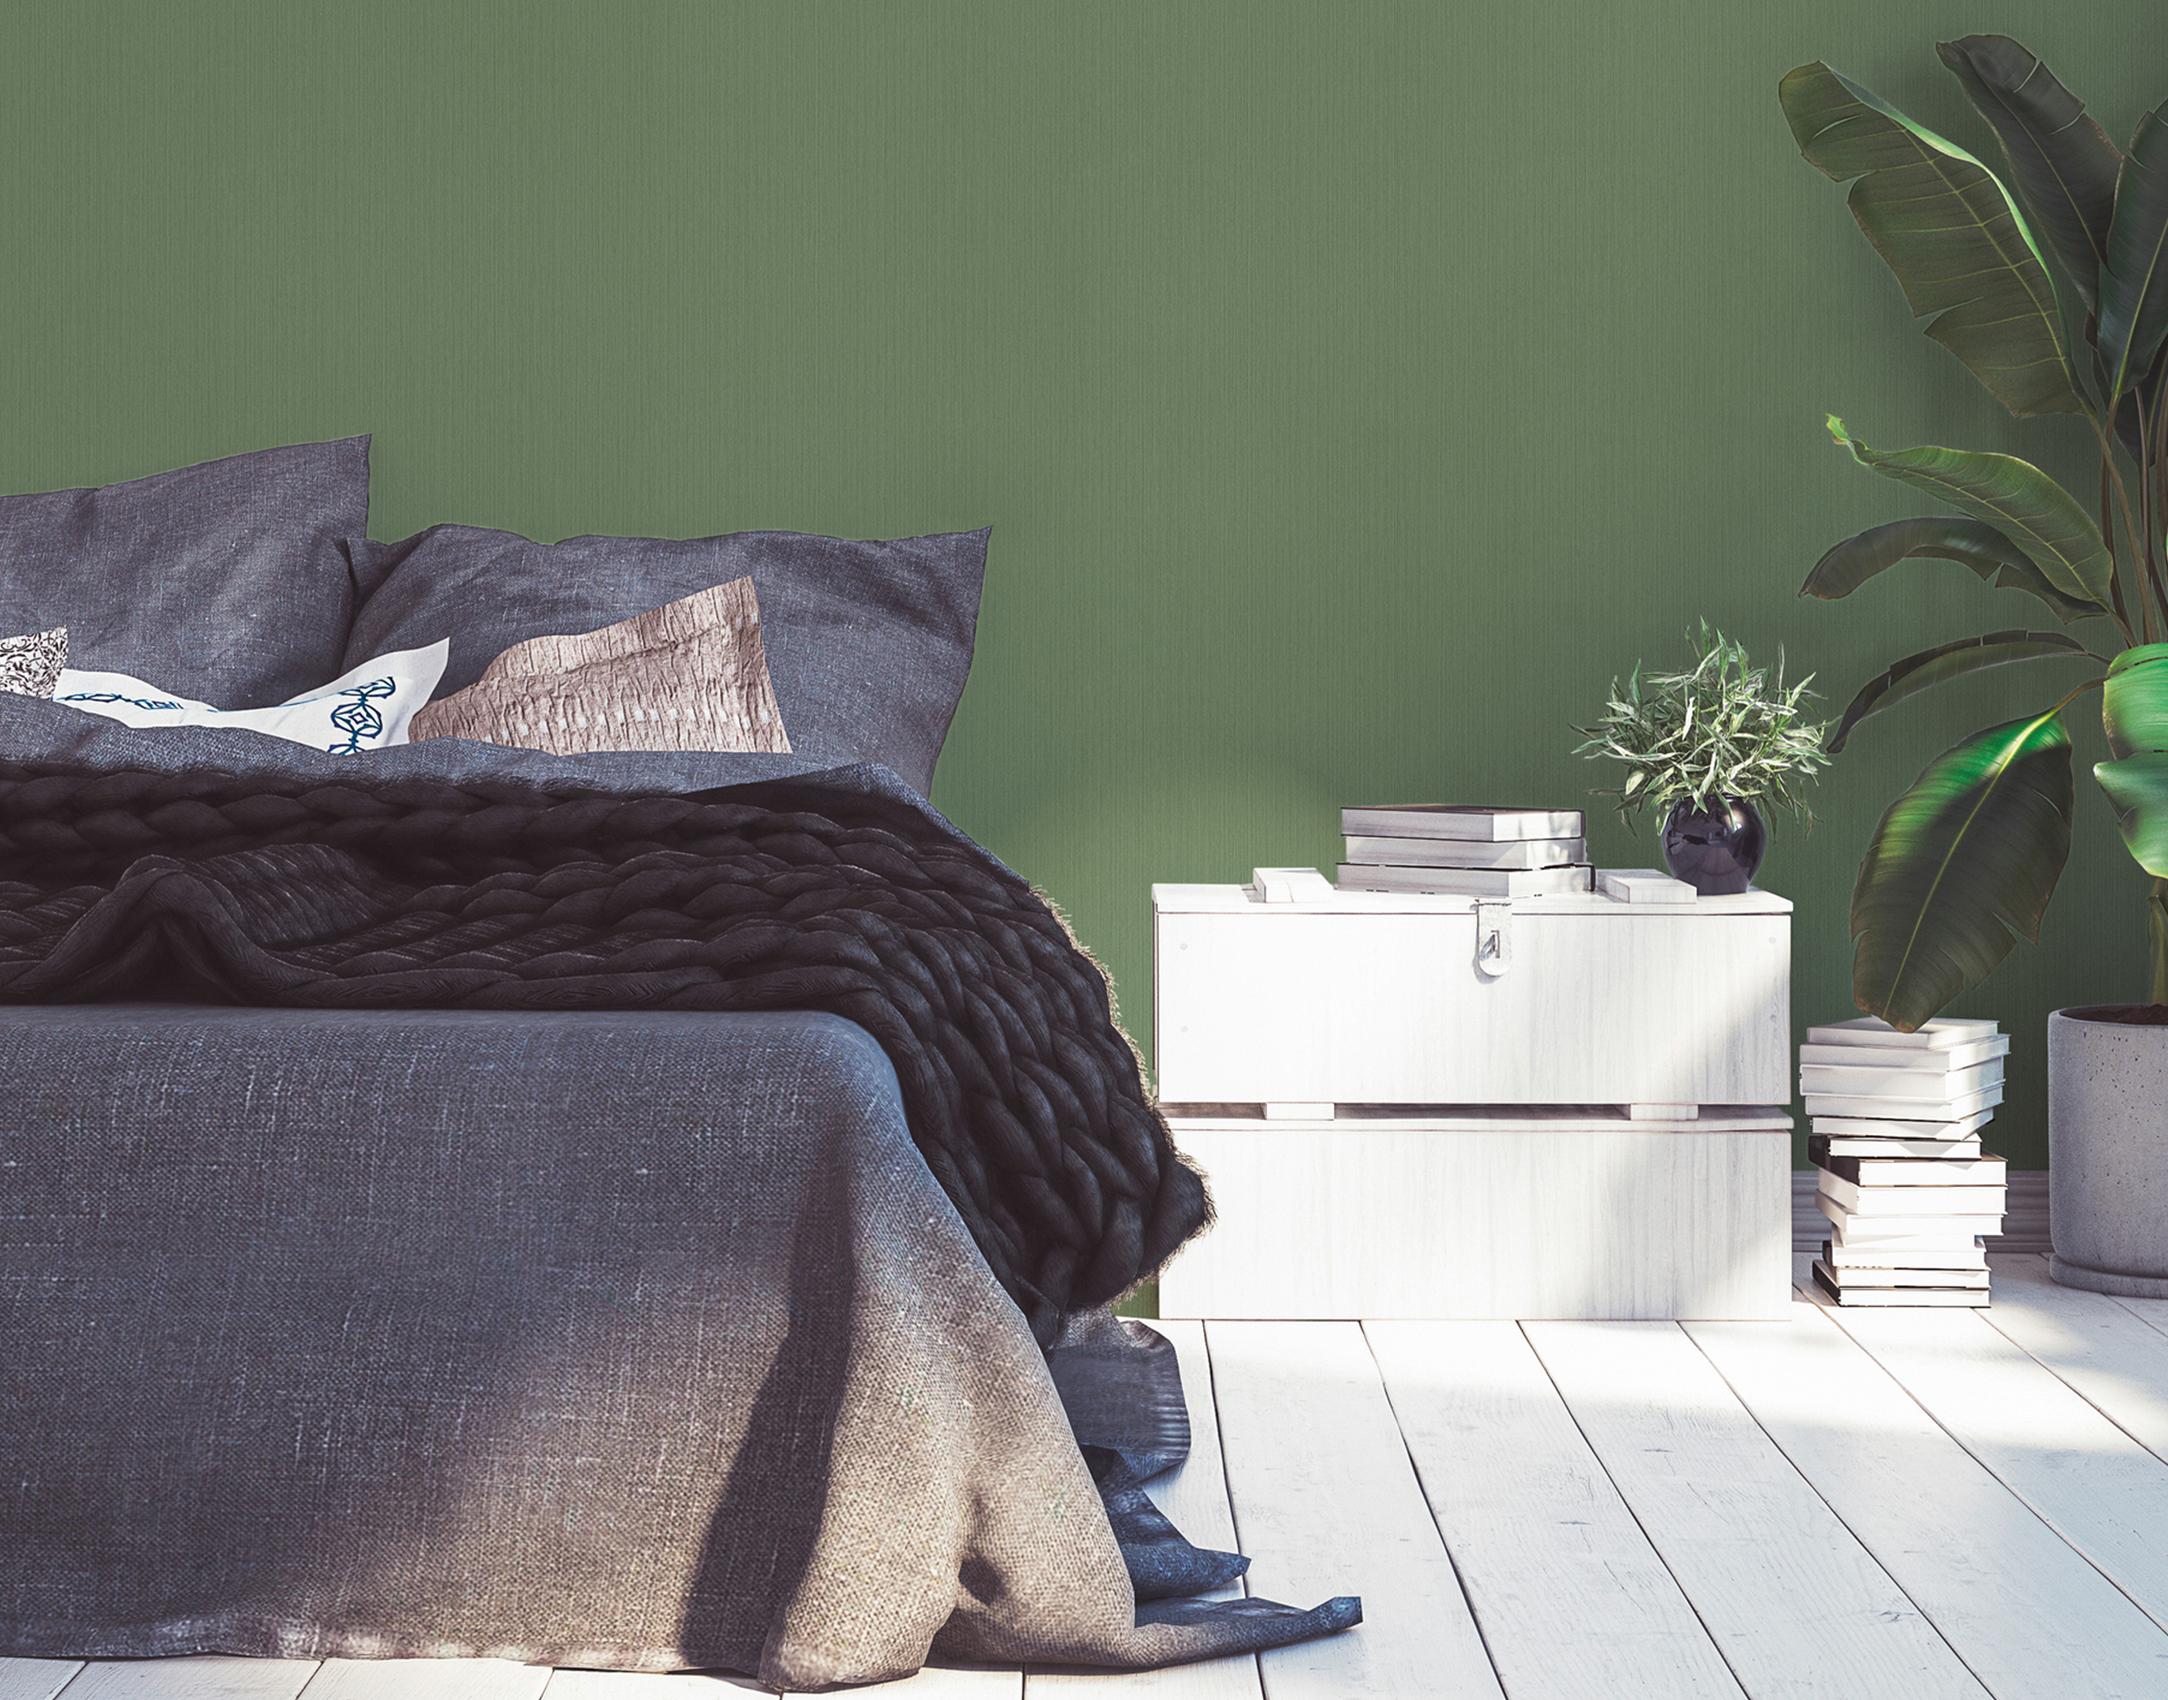 Schlafzimmer minimalistisch und modern mit grüner Unitapete, Artikel AS379875